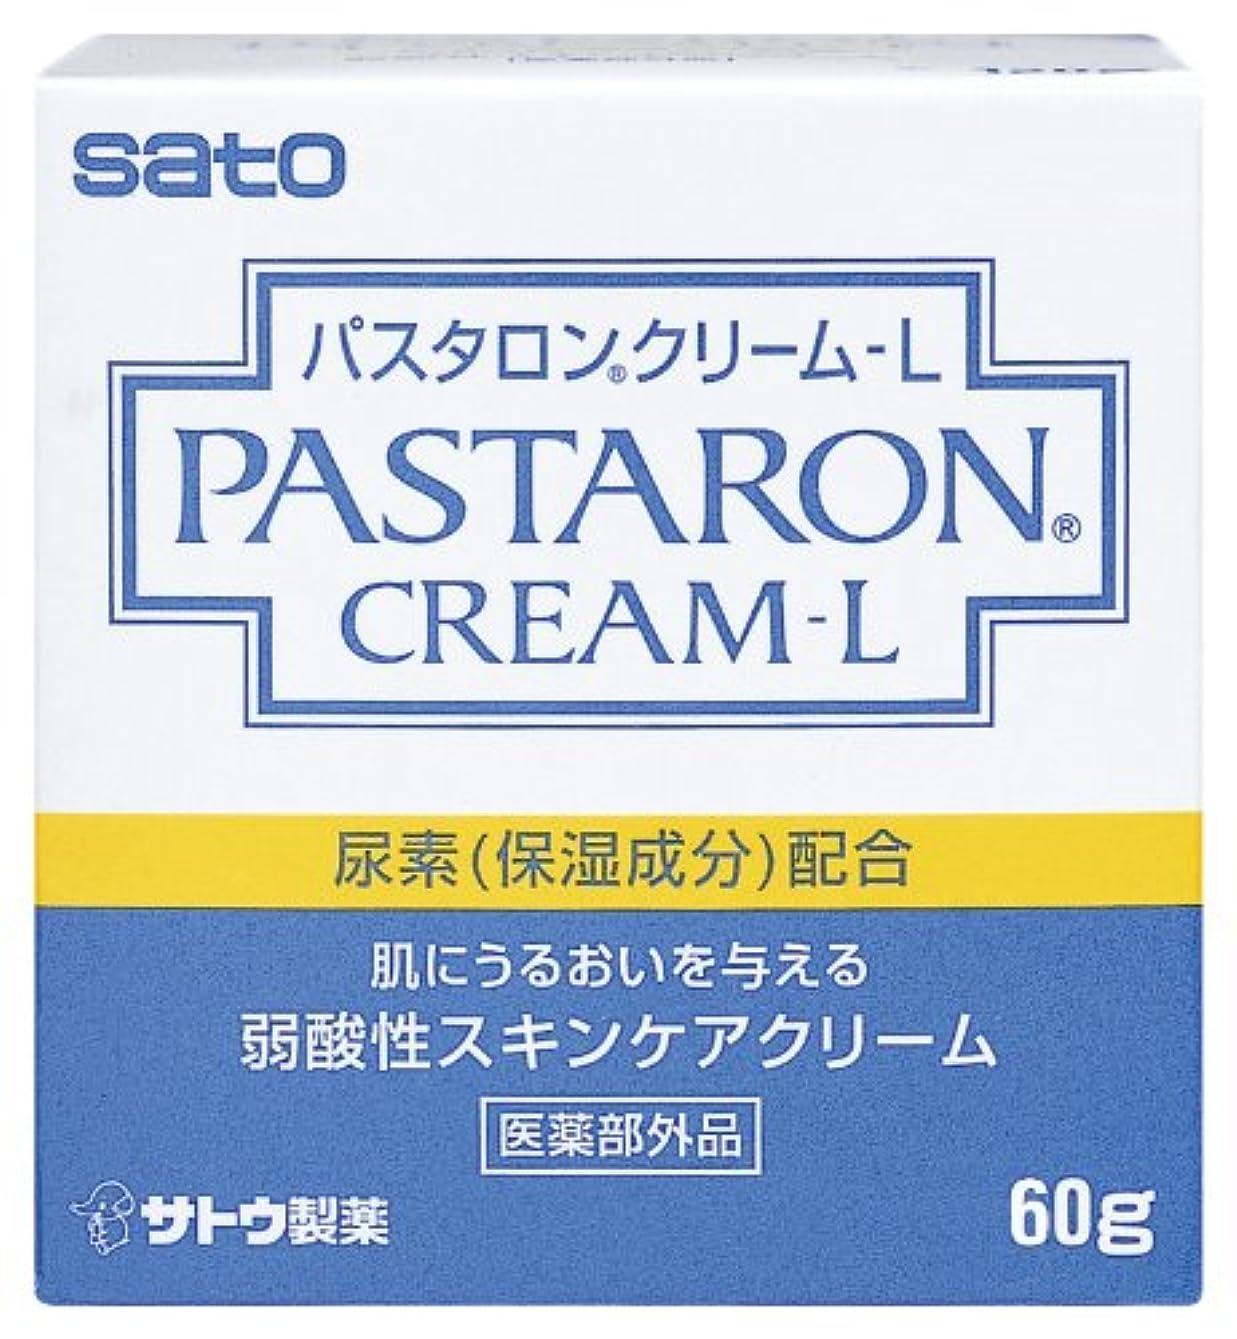 見せますめまいが債務者パスタロンクリーム-L 60g